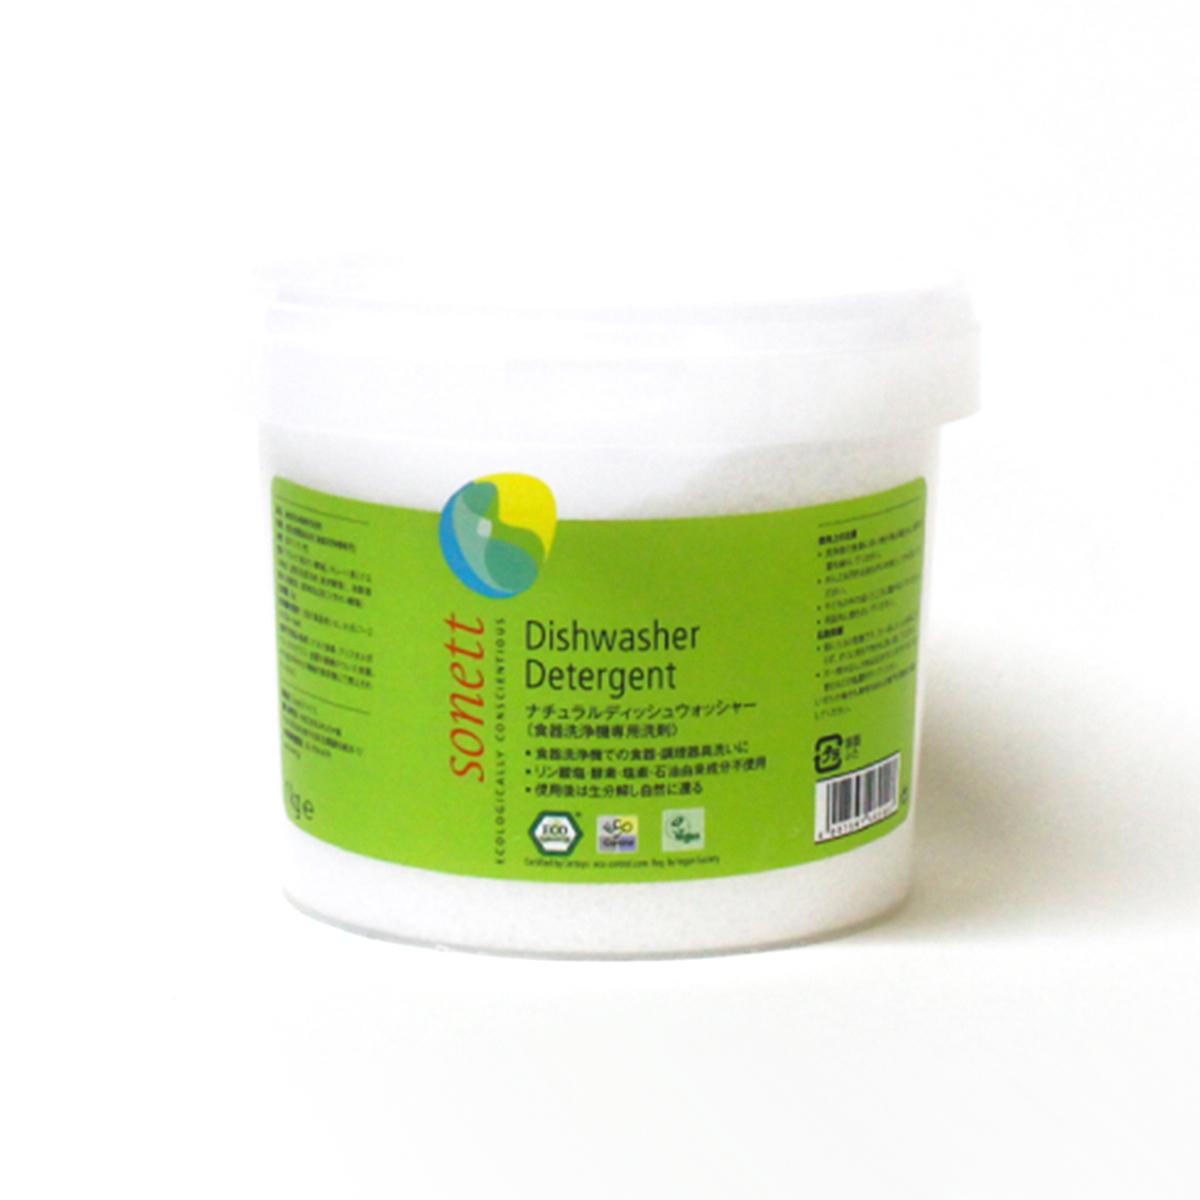 ソネット|ナチュラルディッシュウォッシャー(食洗機用洗剤)1kg